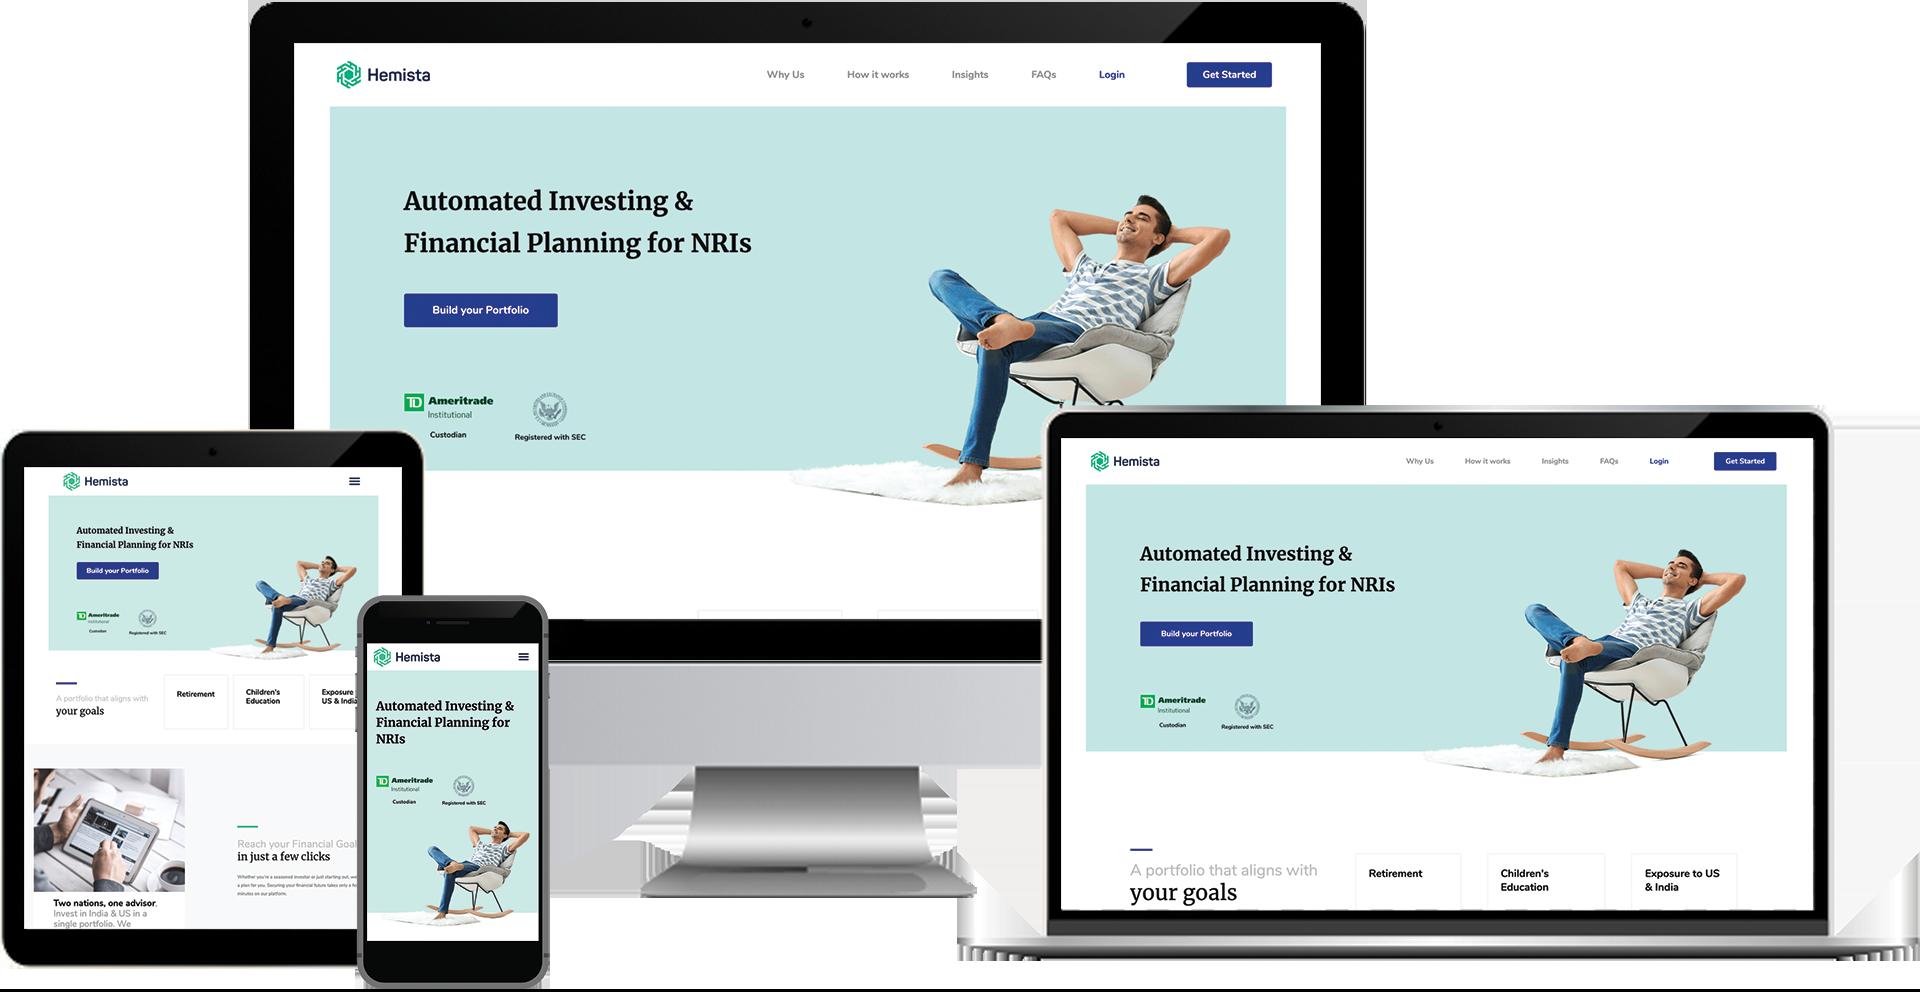 Hemista elementor wordpress web design